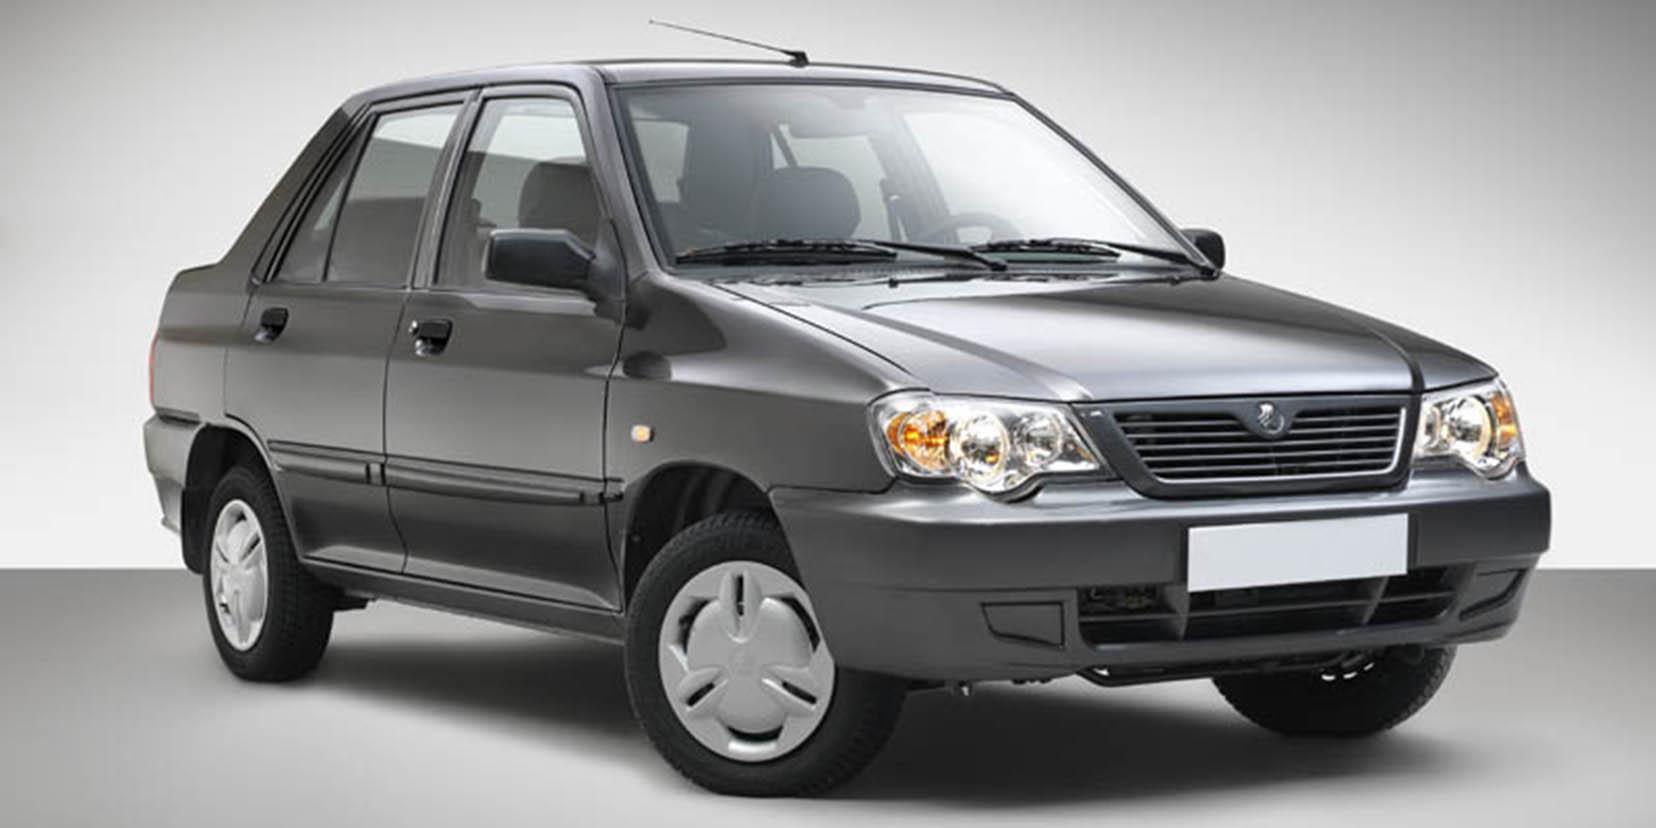 پراید به عنوان یکی از بی کیفیت ترین خودروهای ایران شناخته شد